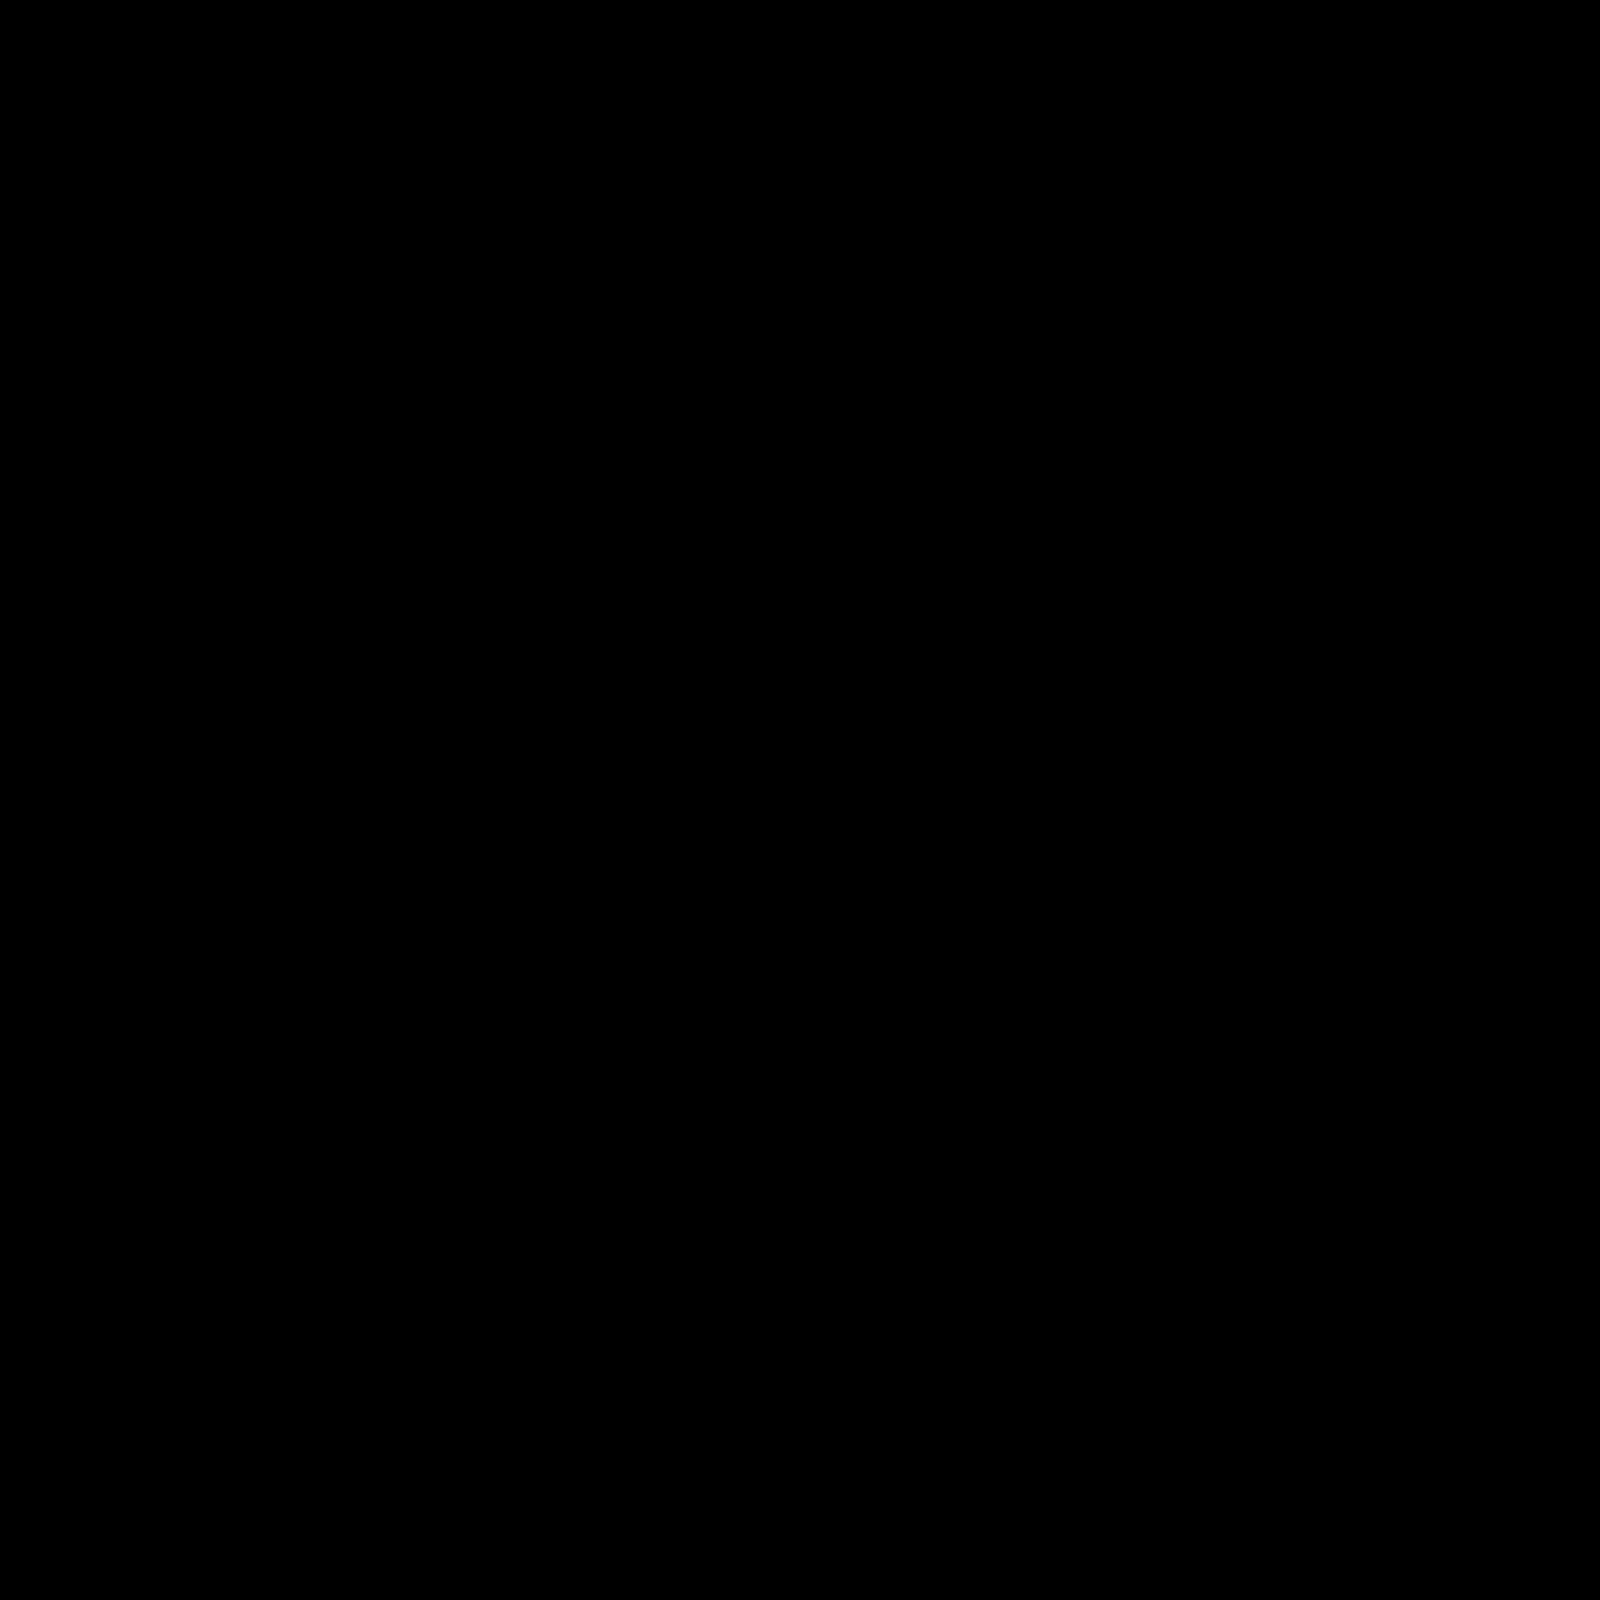 Grid 2 icon